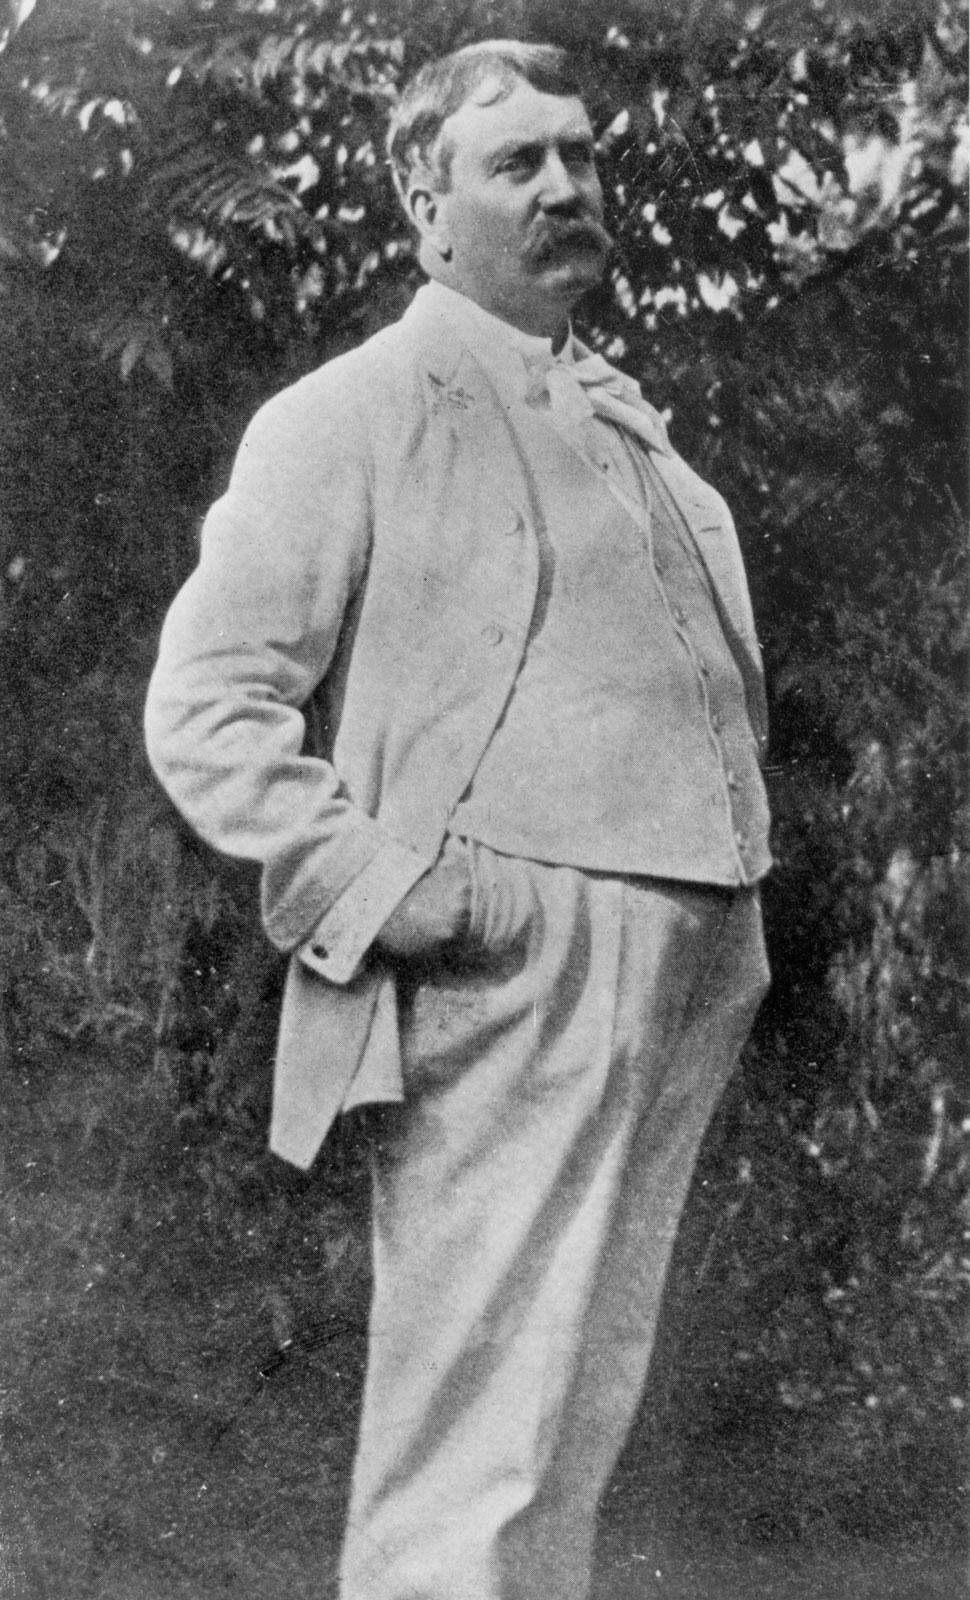 Daniel-H-Burnham-works-Chicago-1893-Worlds-1893